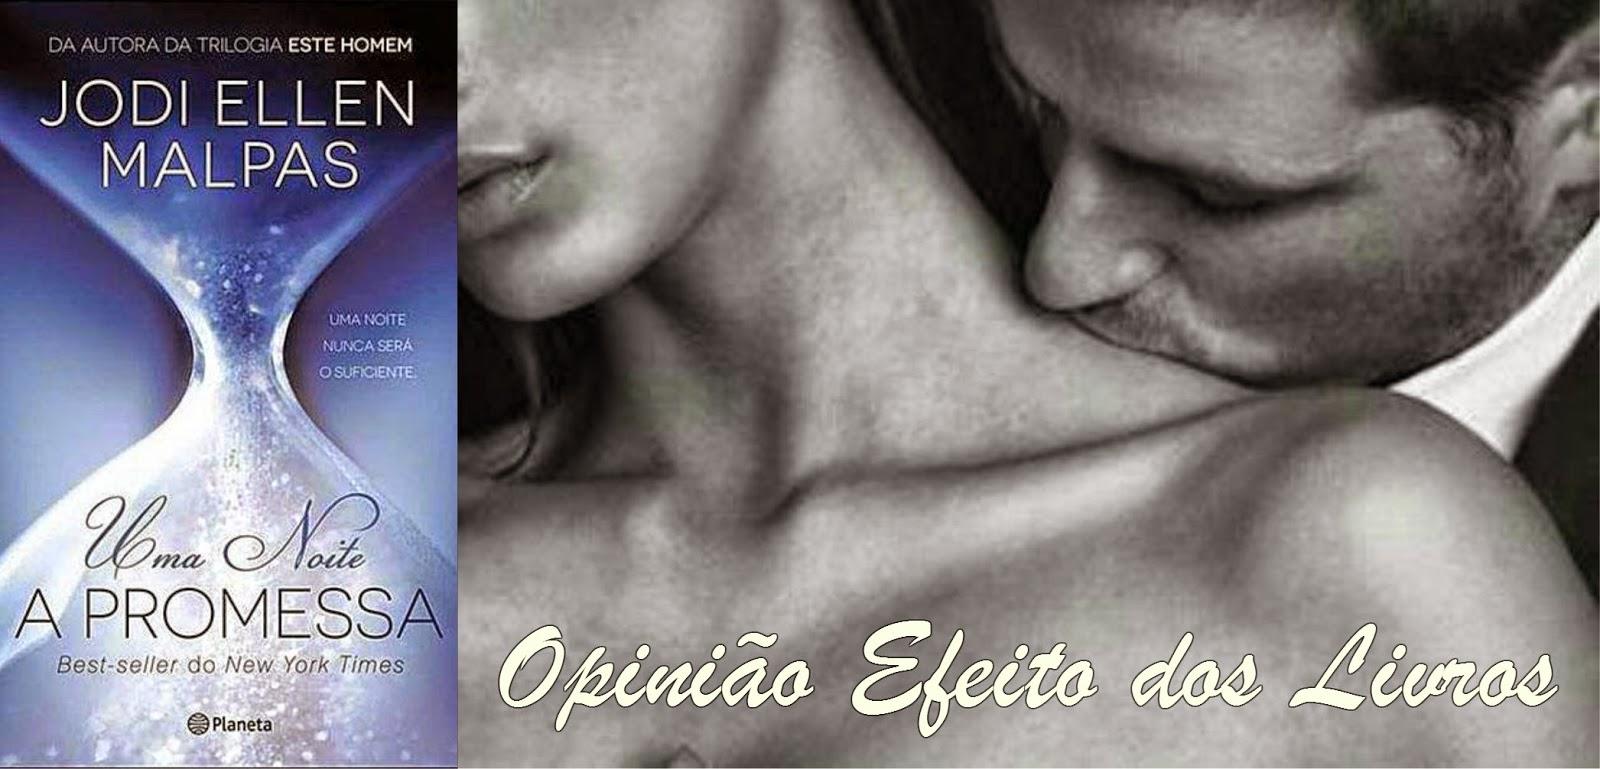 http://efeitodoslivros.blogspot.pt/2015/04/opiniao-uma-noite-promessa.html